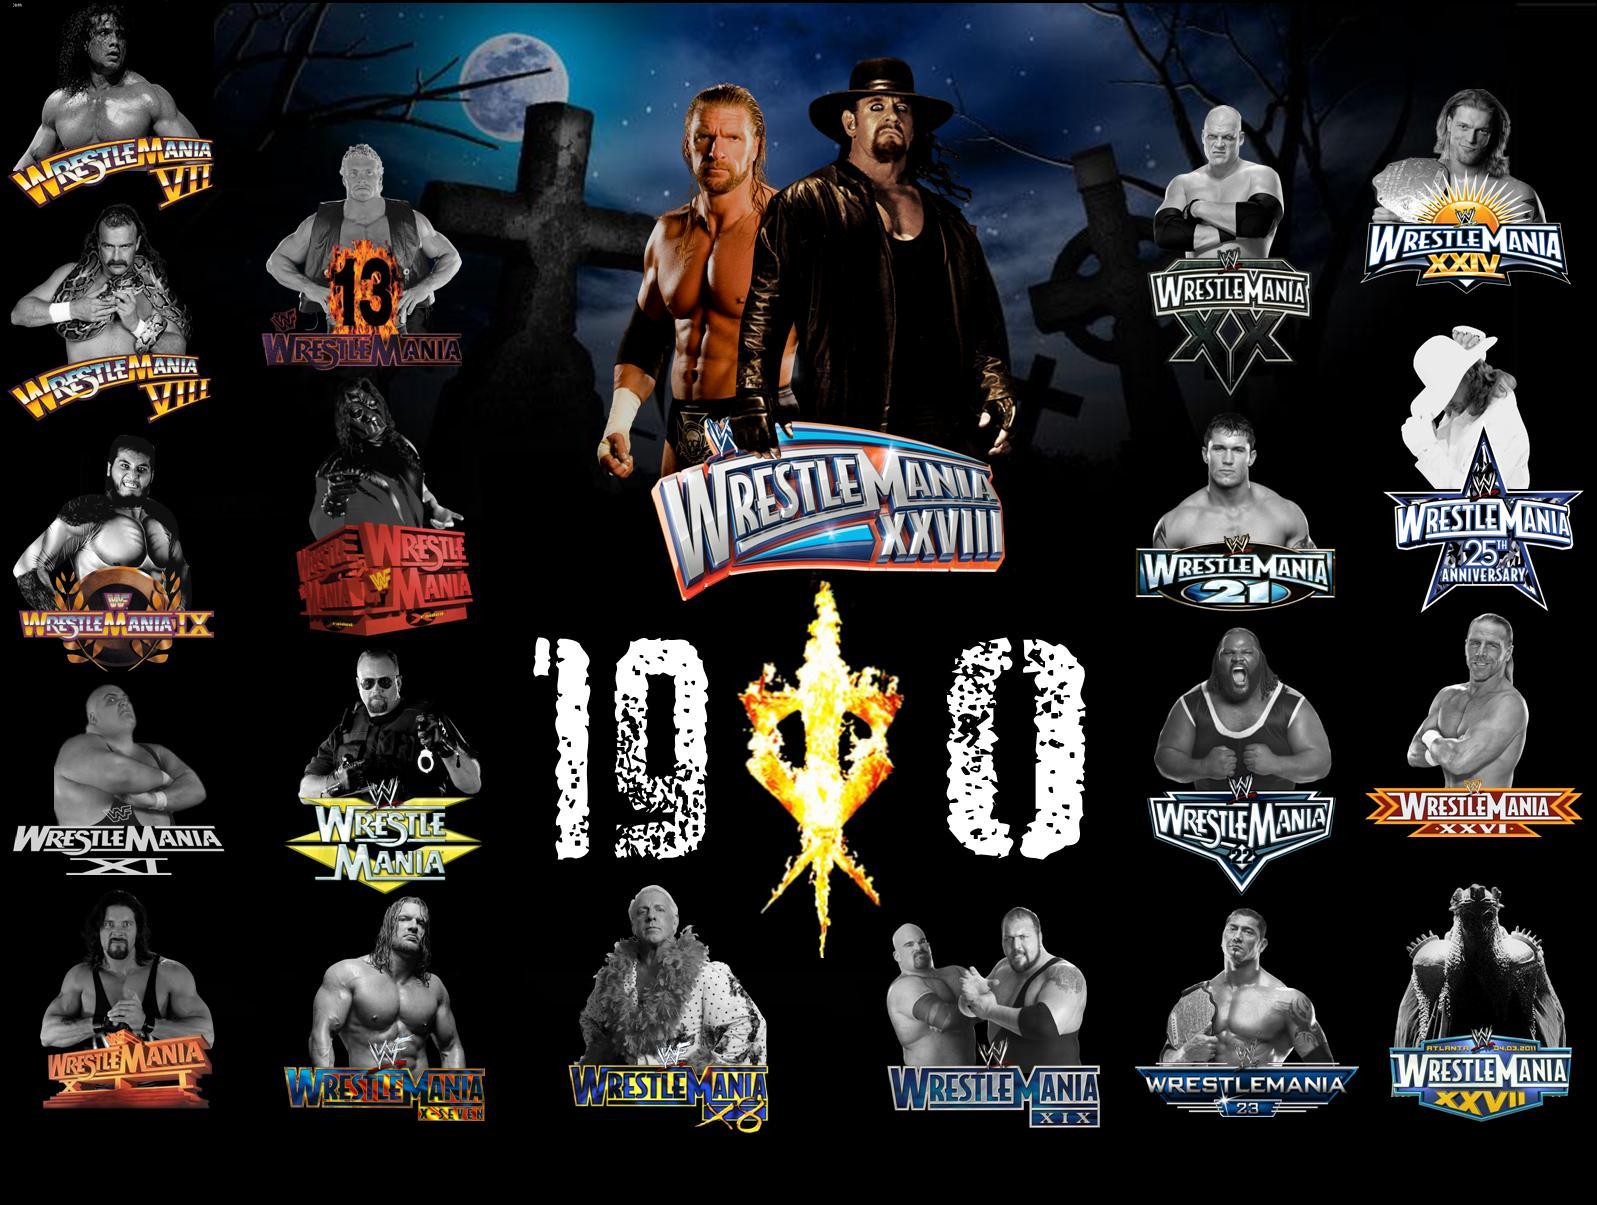 http://2.bp.blogspot.com/-cS_Dur-6T6w/T4rMLydjJcI/AAAAAAAAAFw/nyZQuJhKpa0/s1600/19-0-la-actual-racha-de-the-undertaker-rumbo-a-wrestlemania-28.jpg